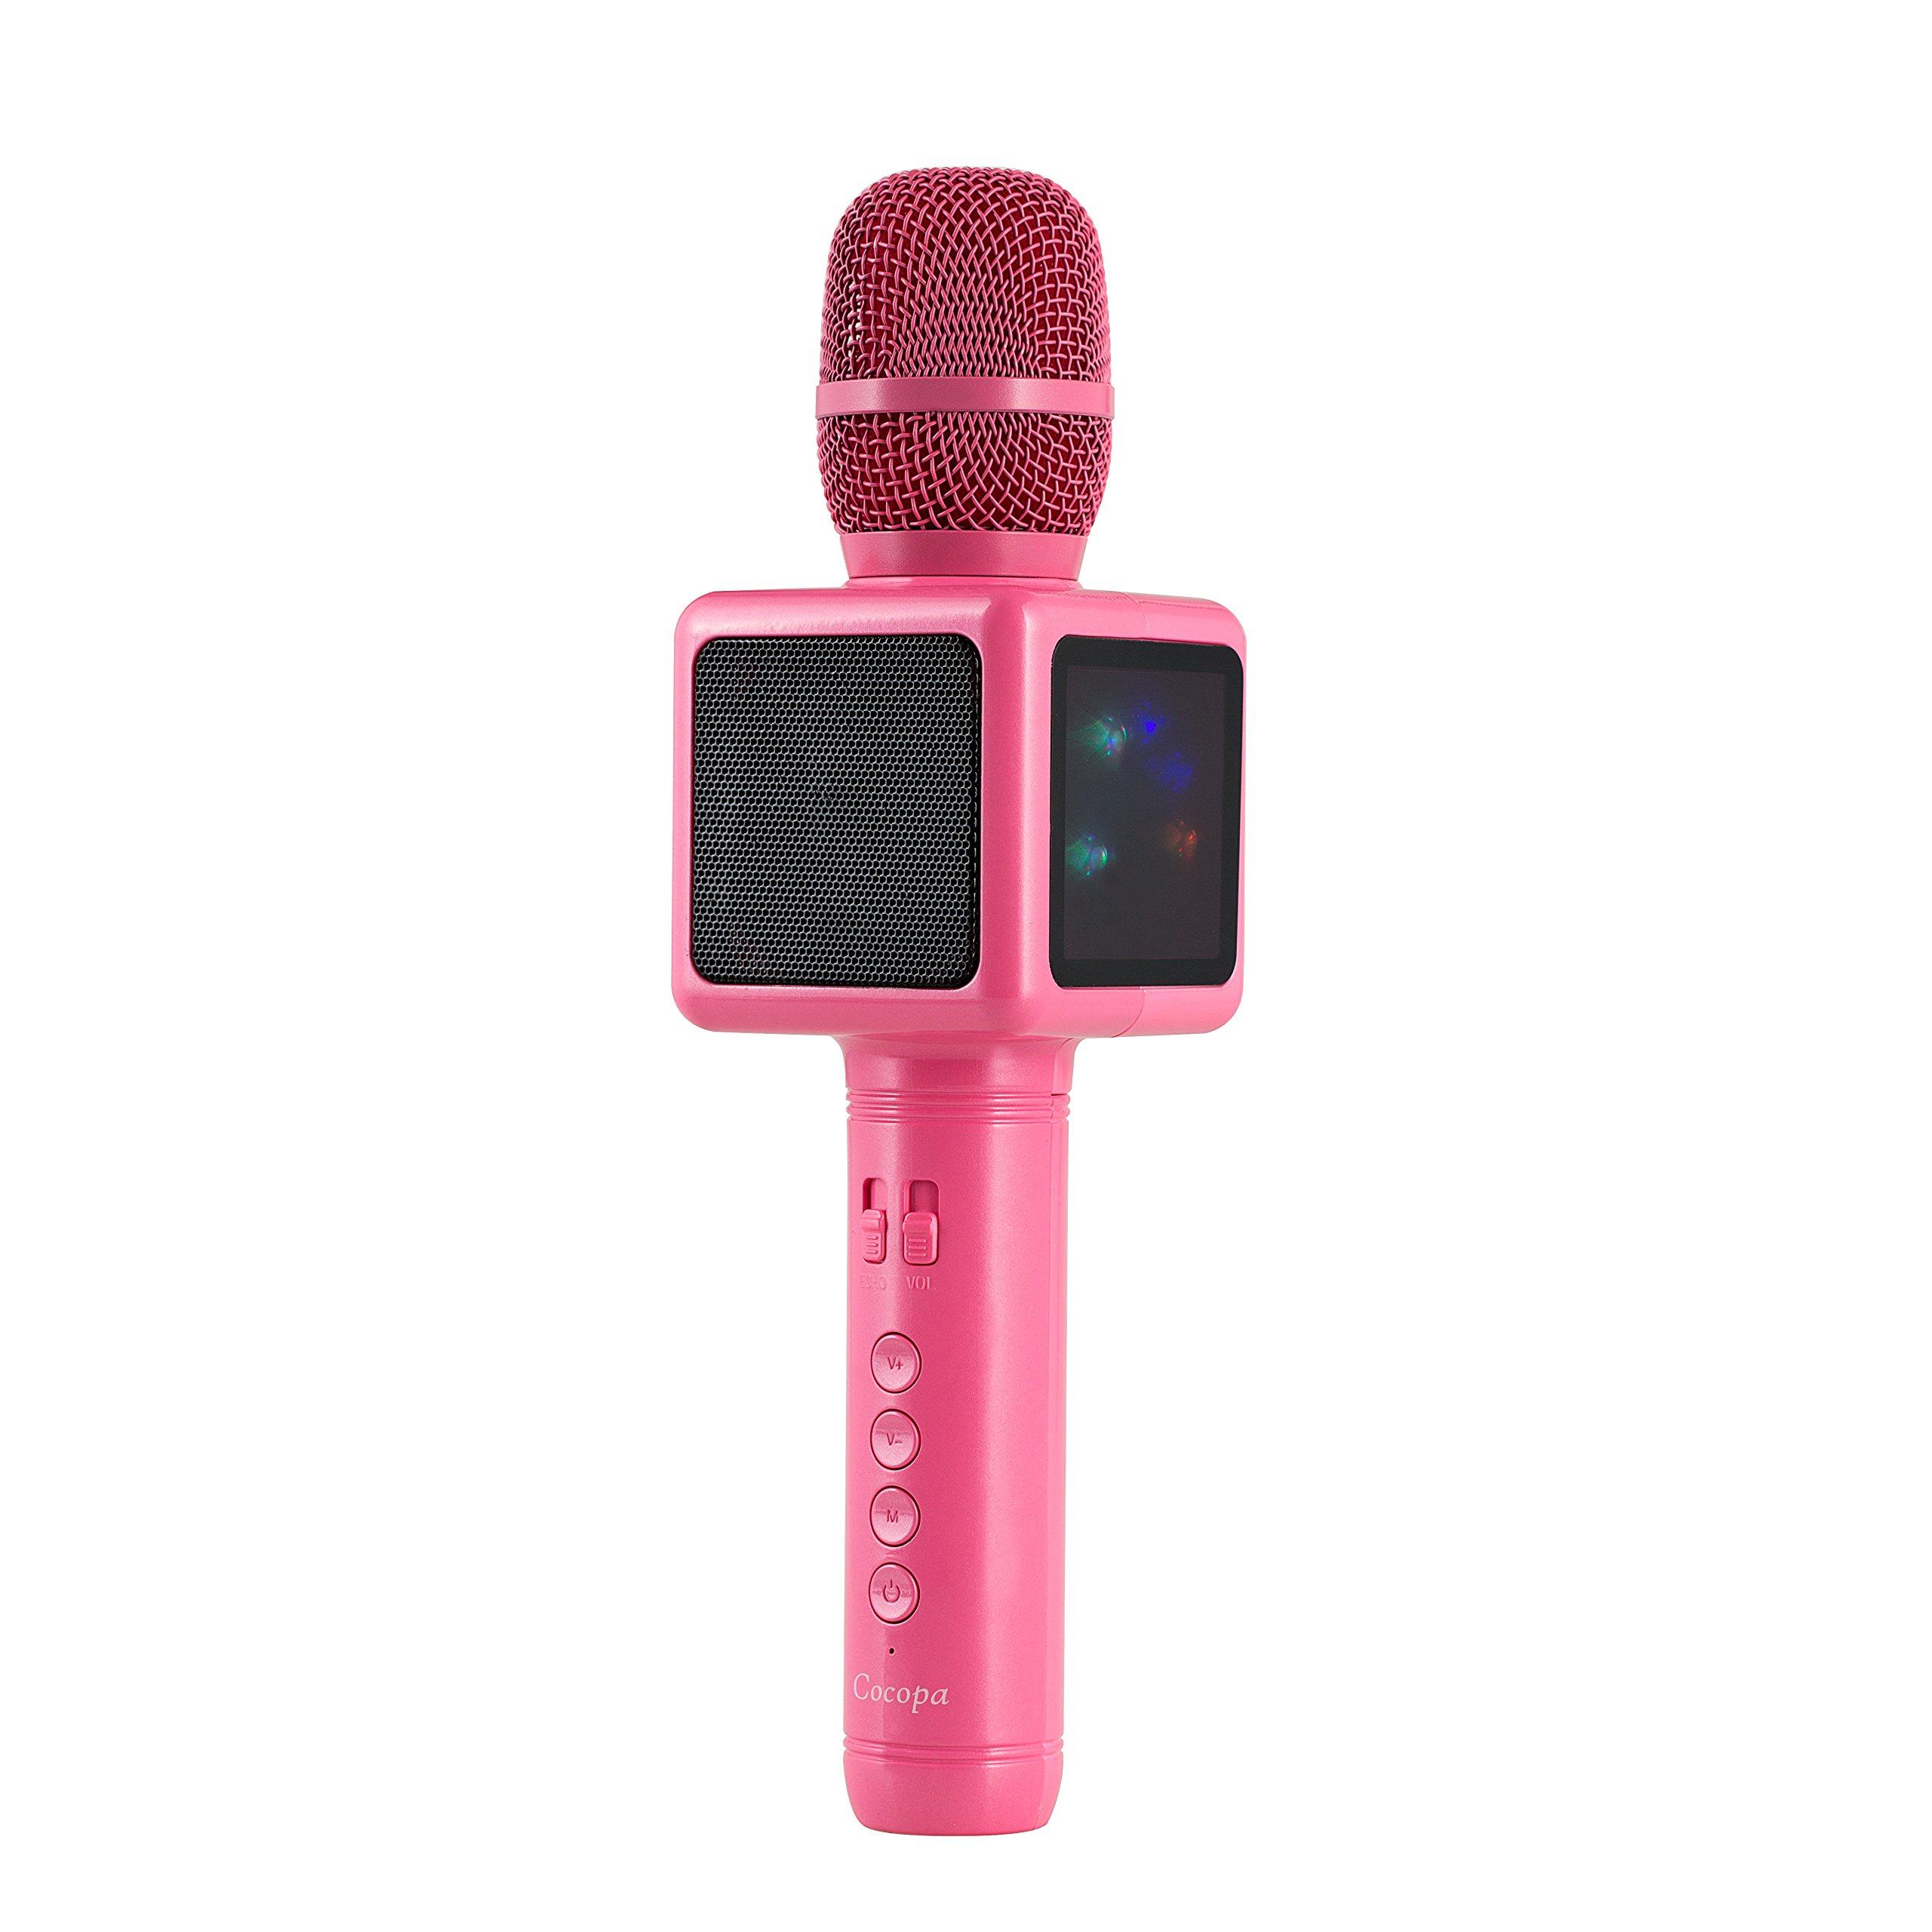 无线 Karaoke 麦克风,Cocopa 便携式手持式麦克风内置扬声器,带多功能专业经典风格卡拉 oke 播放器,适用于 iPhone/Android/智能手机,家庭聚会 KTV,户外,卡拉 OK101